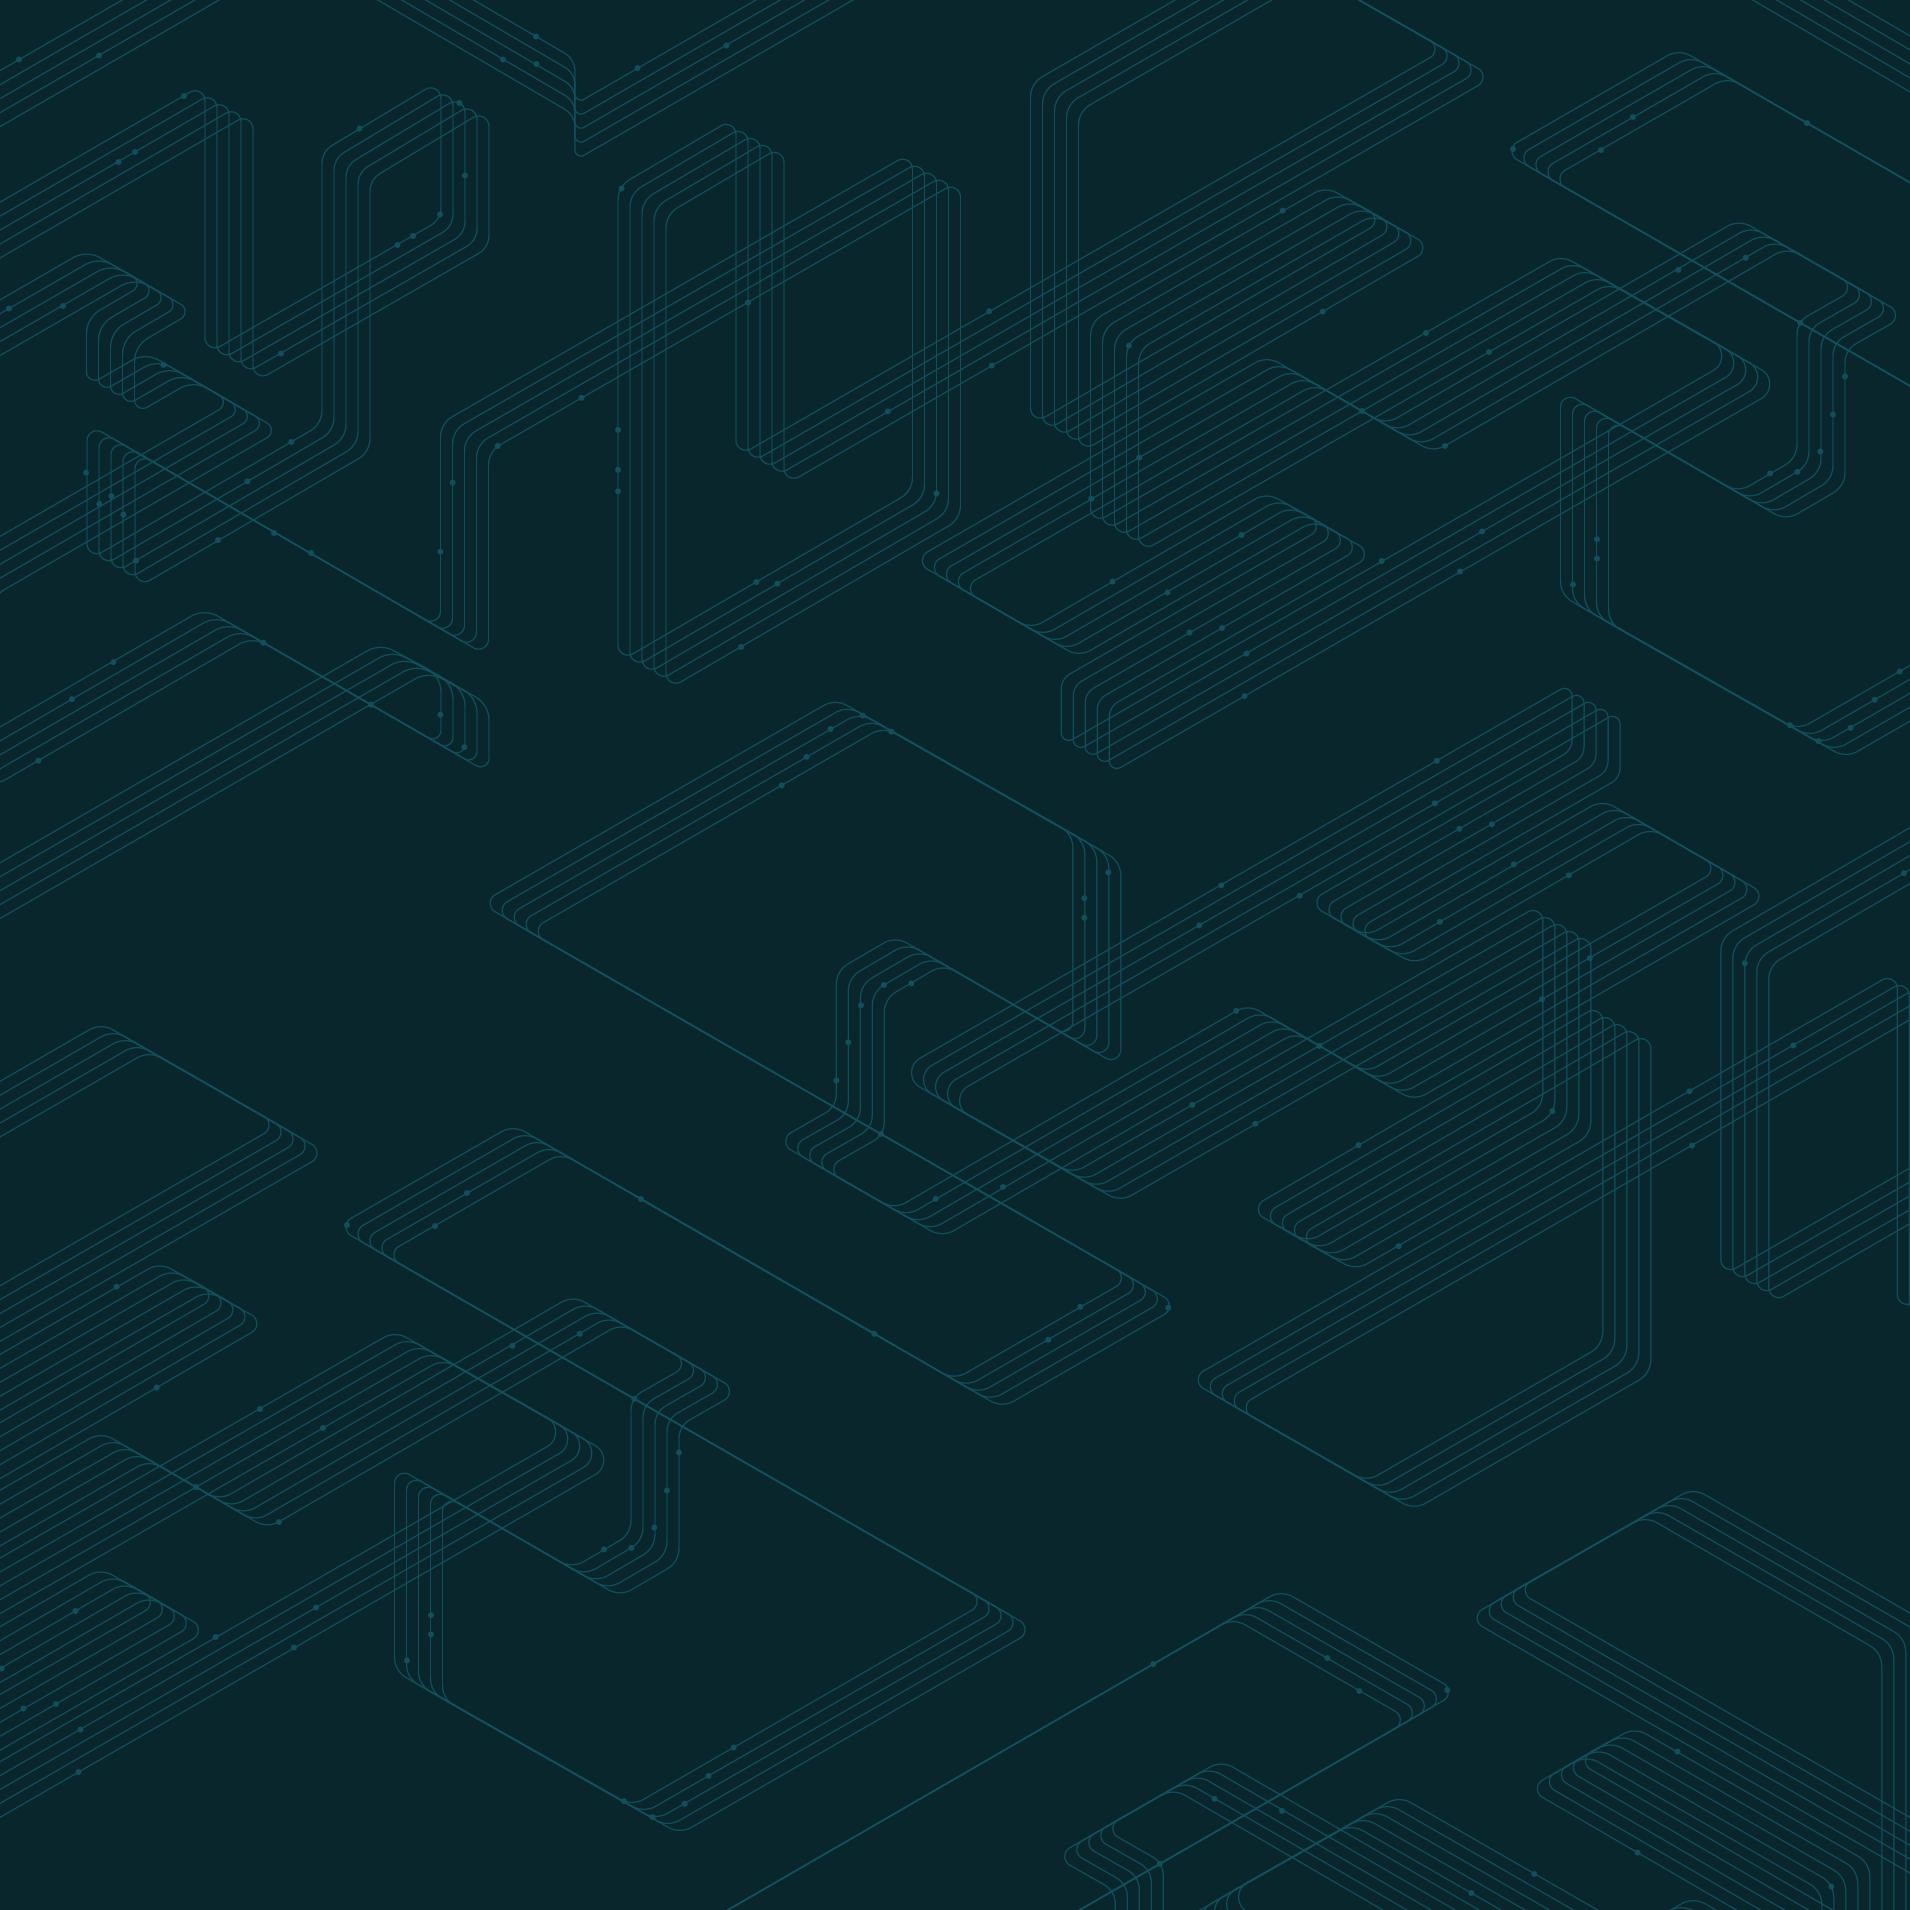 nodes_bg_fill.png